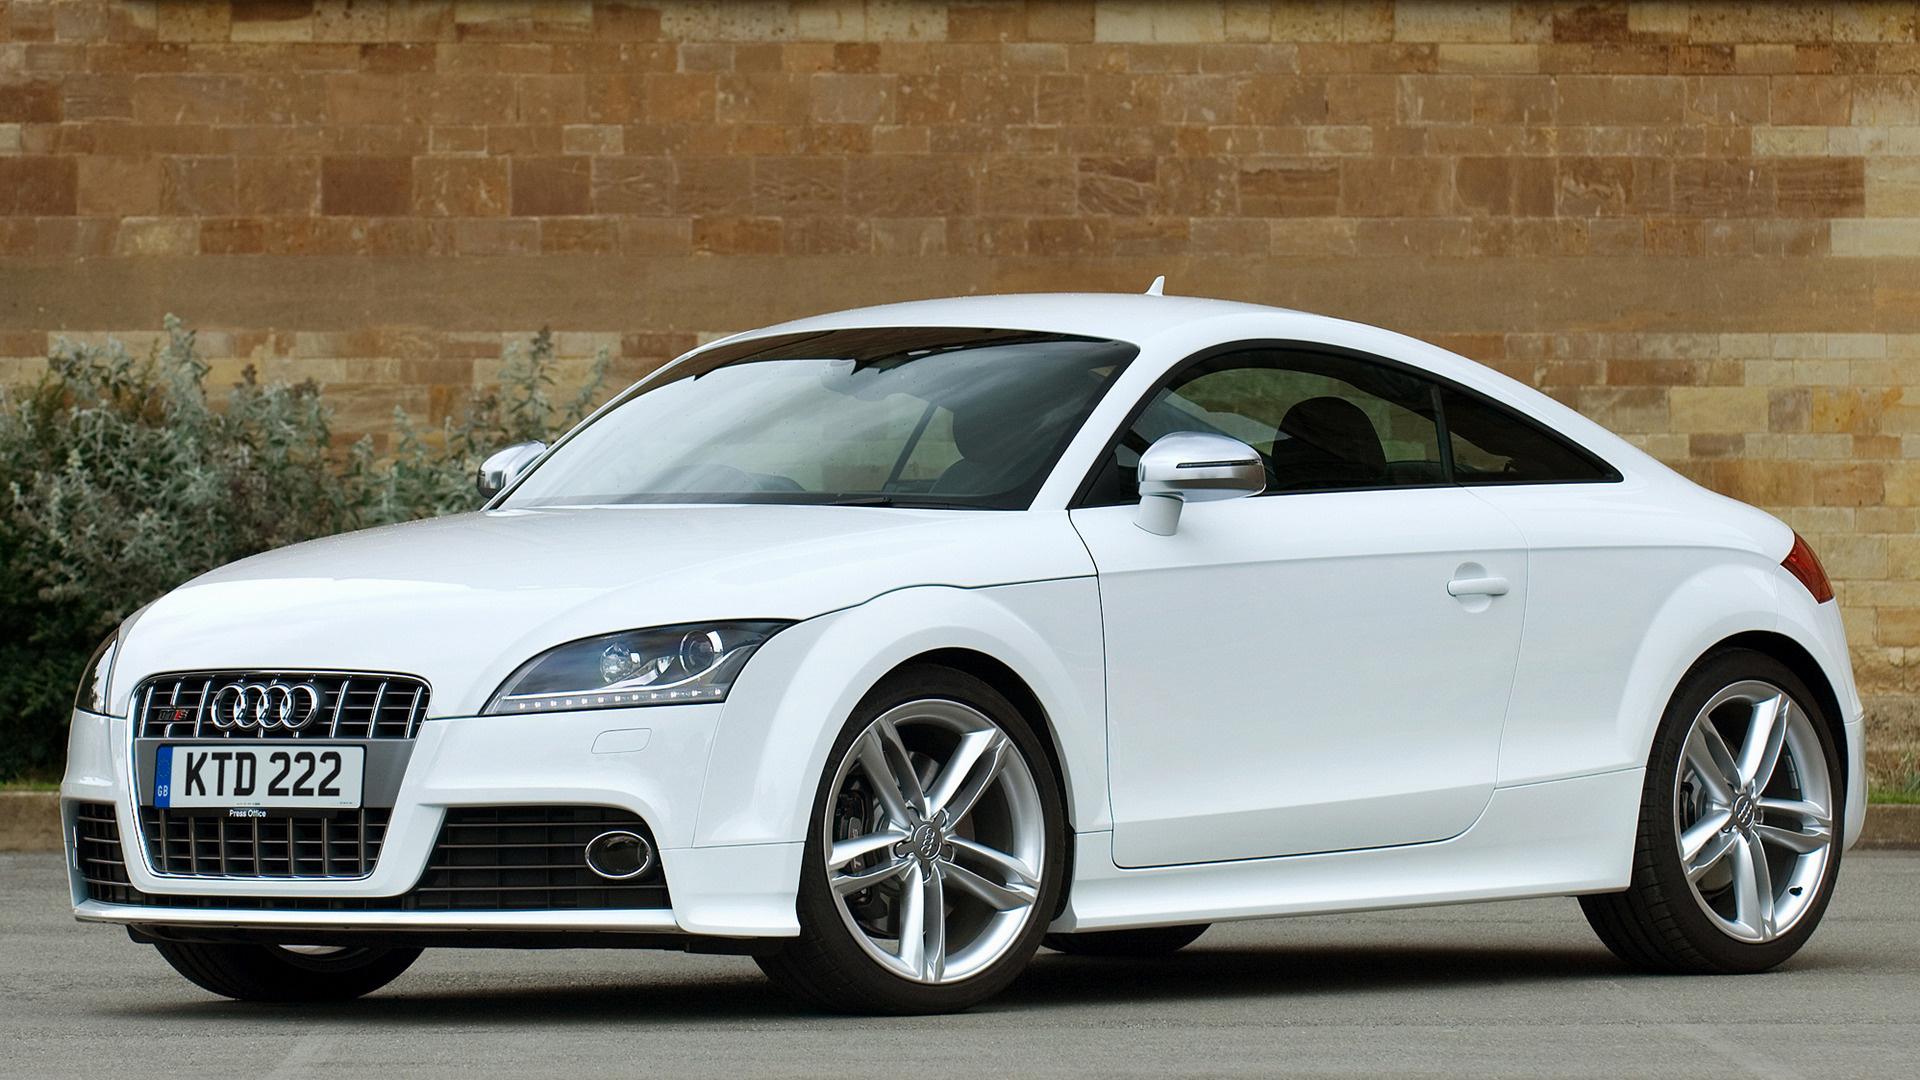 Kelebihan Audi Tt 2008 Tangguh